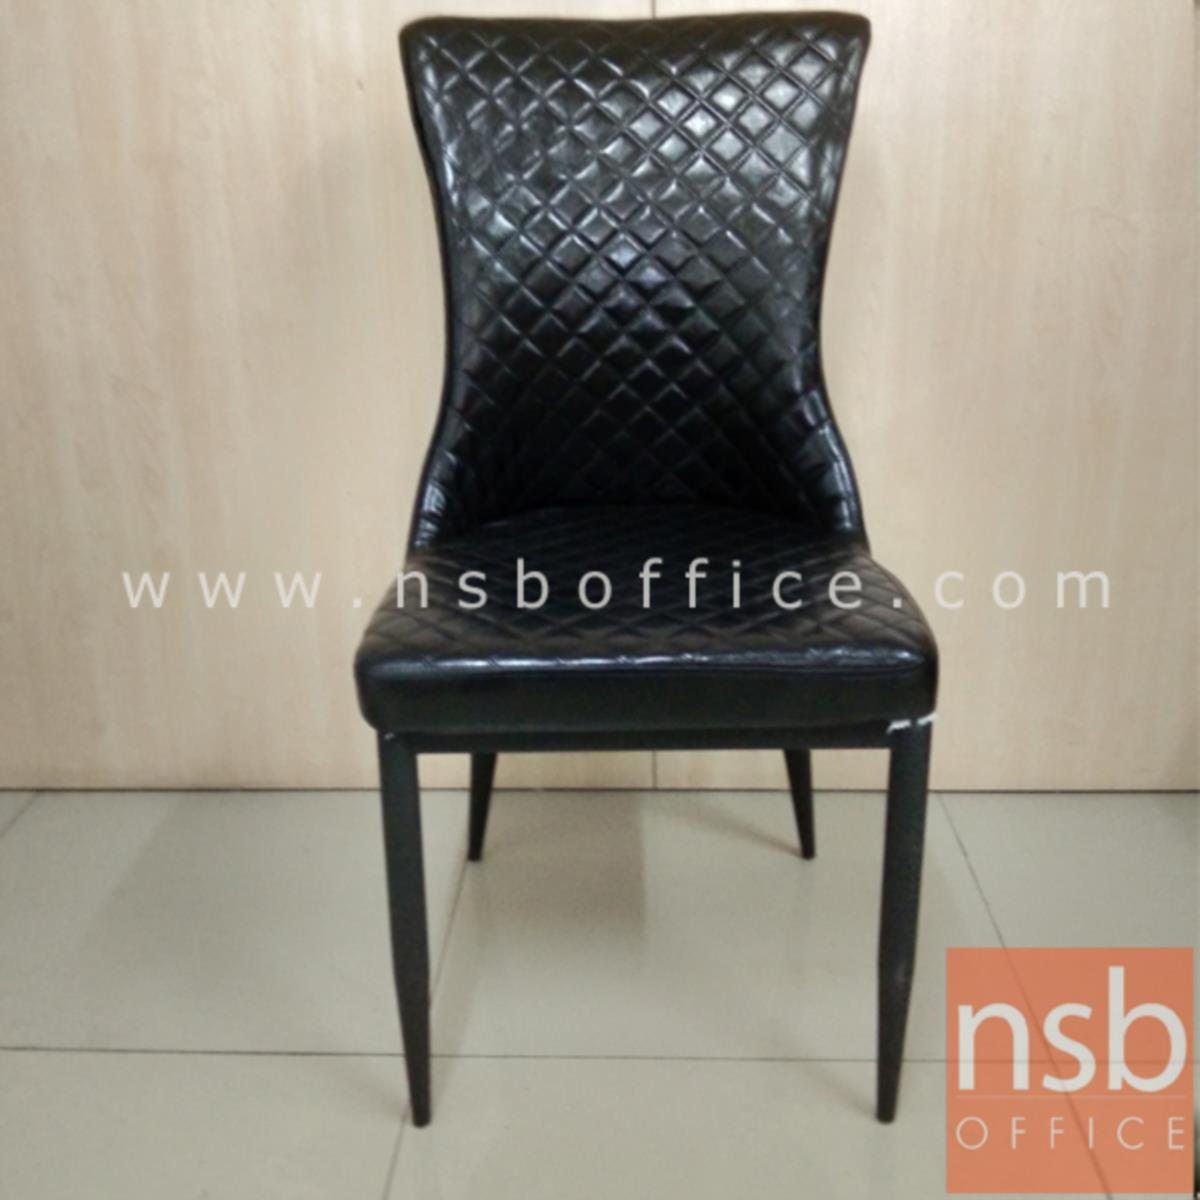 เก้าอี้โมเดิร์นหนังเทียม รุ่น Styles (สไตลส์) ขนาด 48W cm. โครงขาเหล็ก